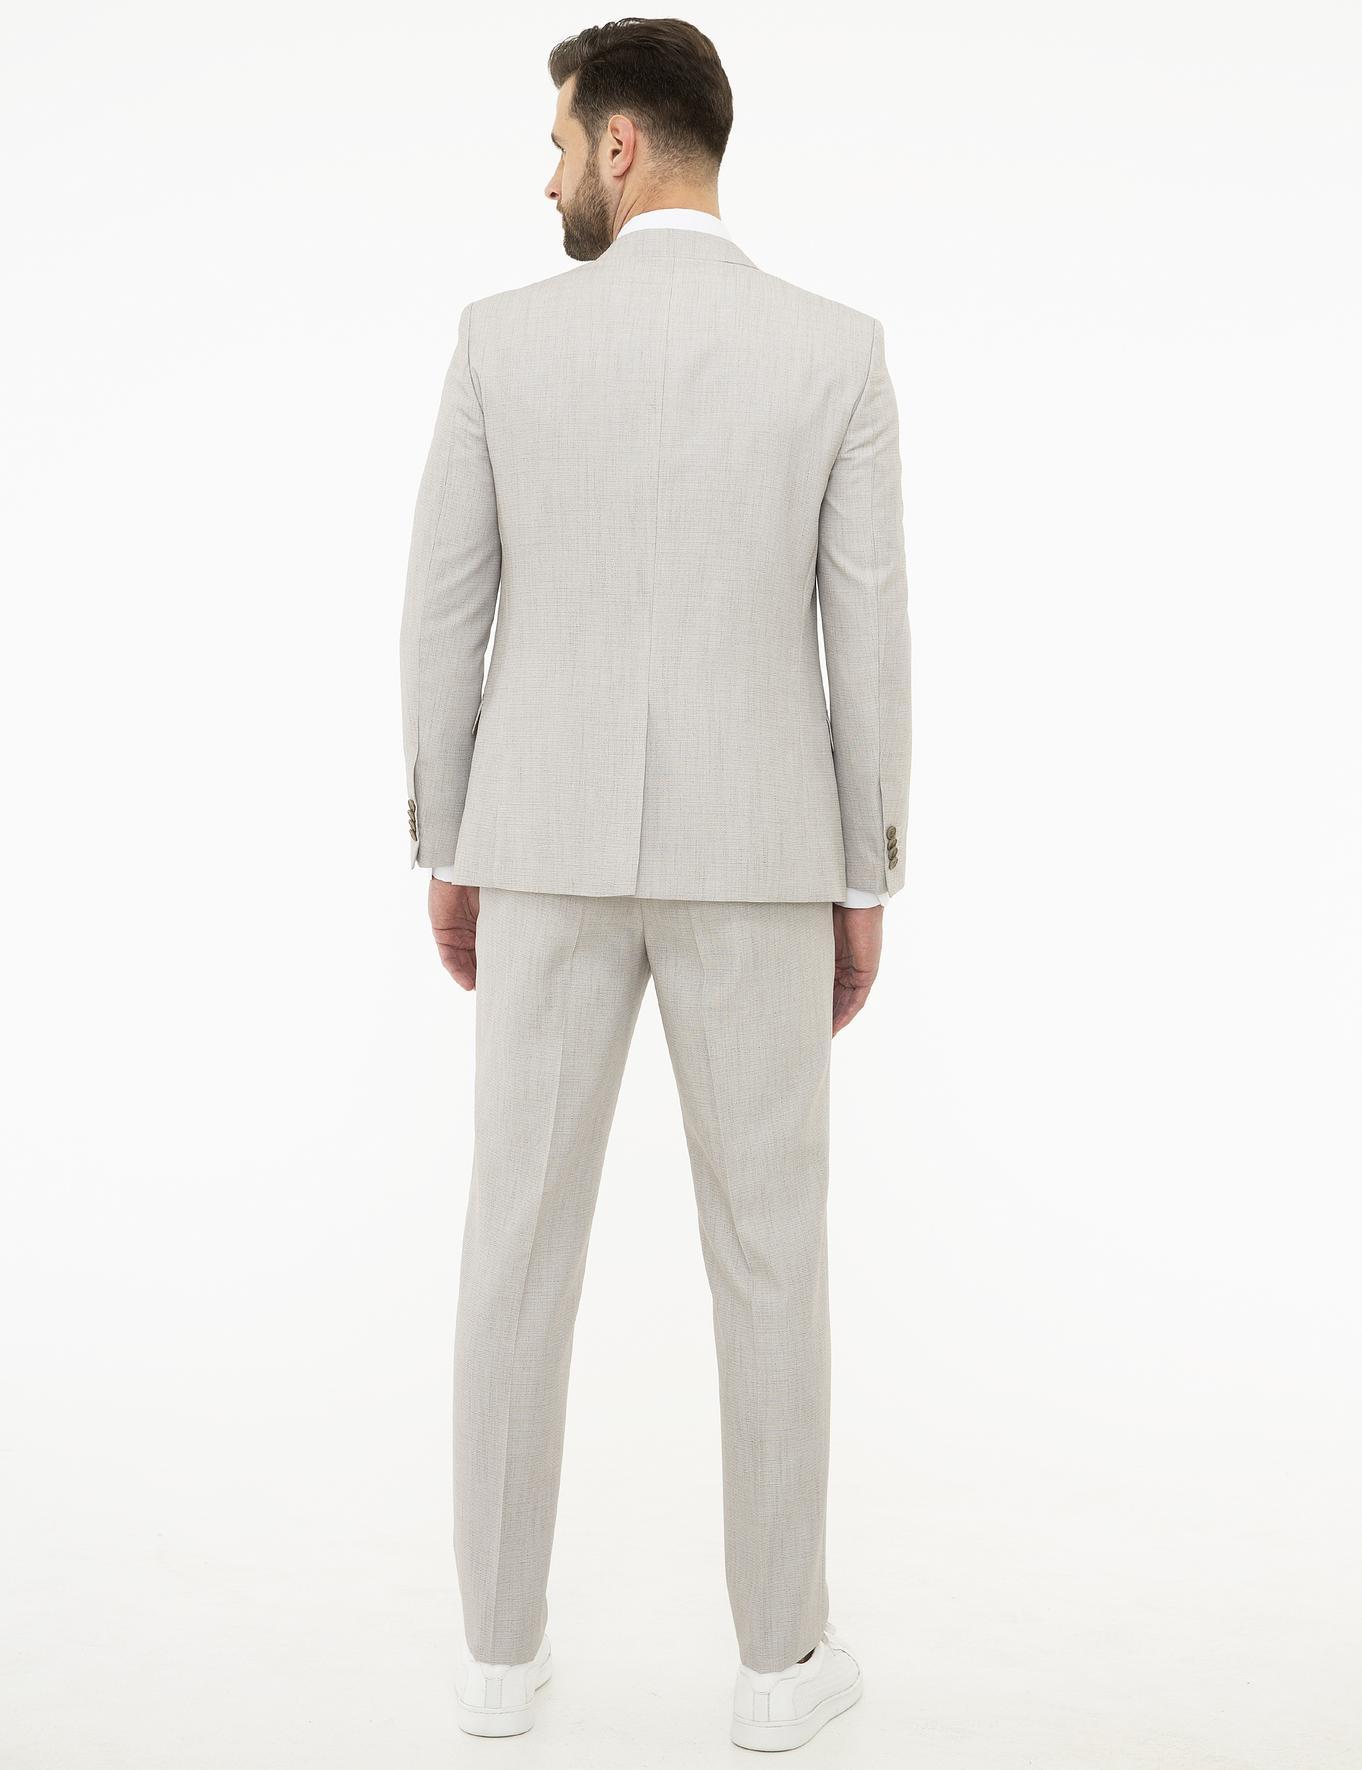 Gri Ekstra Slim Fit Takım Elbise